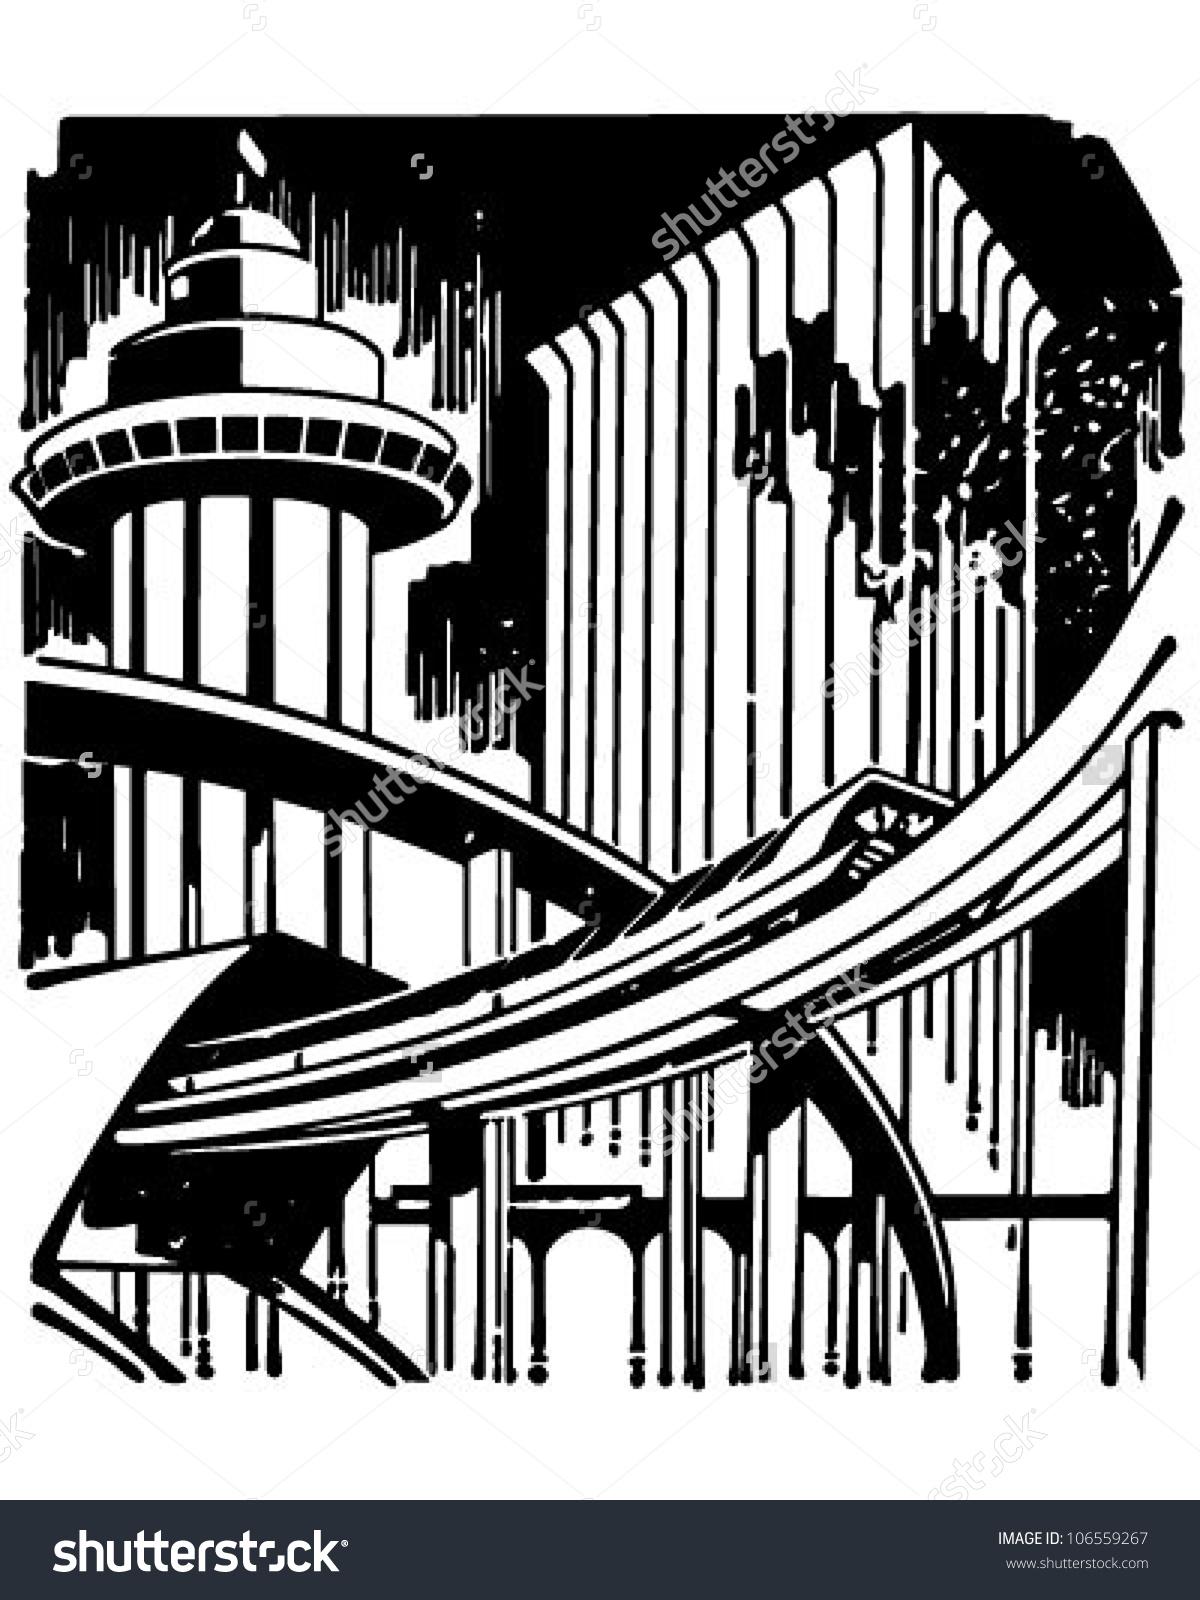 Futuristic City Clipart.